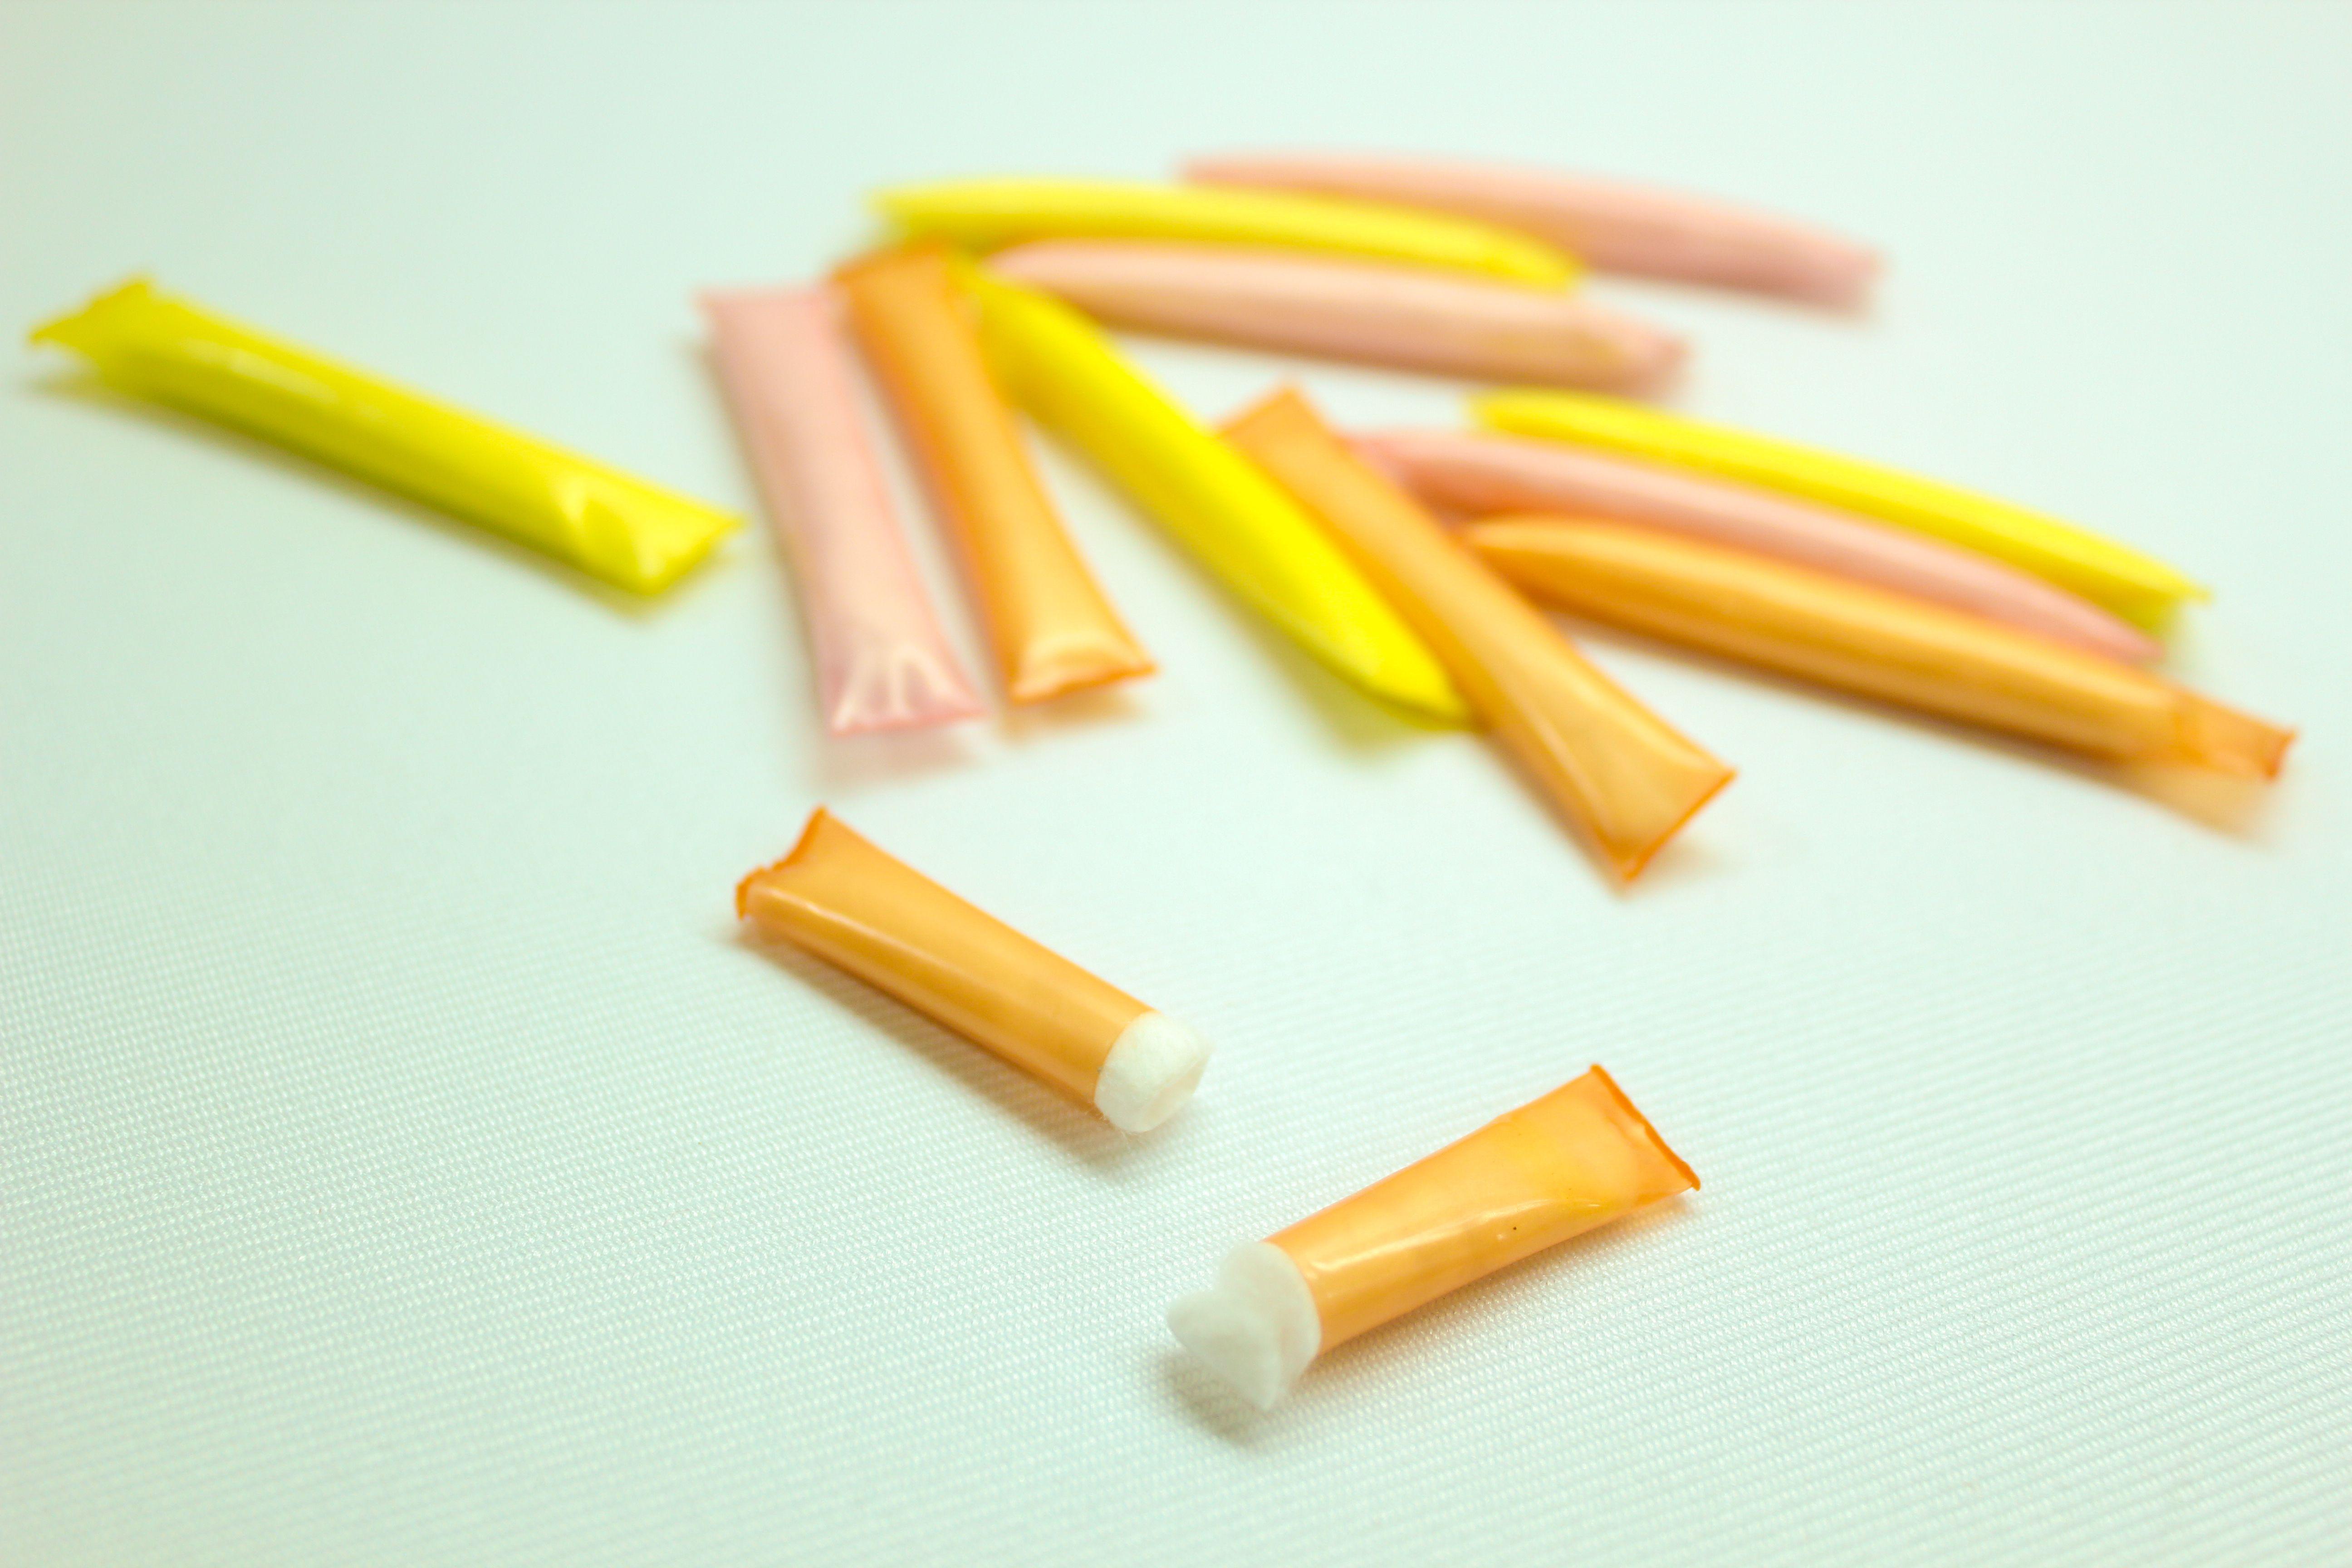 Make A Fire Starter Using A Straw Diy Pinterest Fire Starters